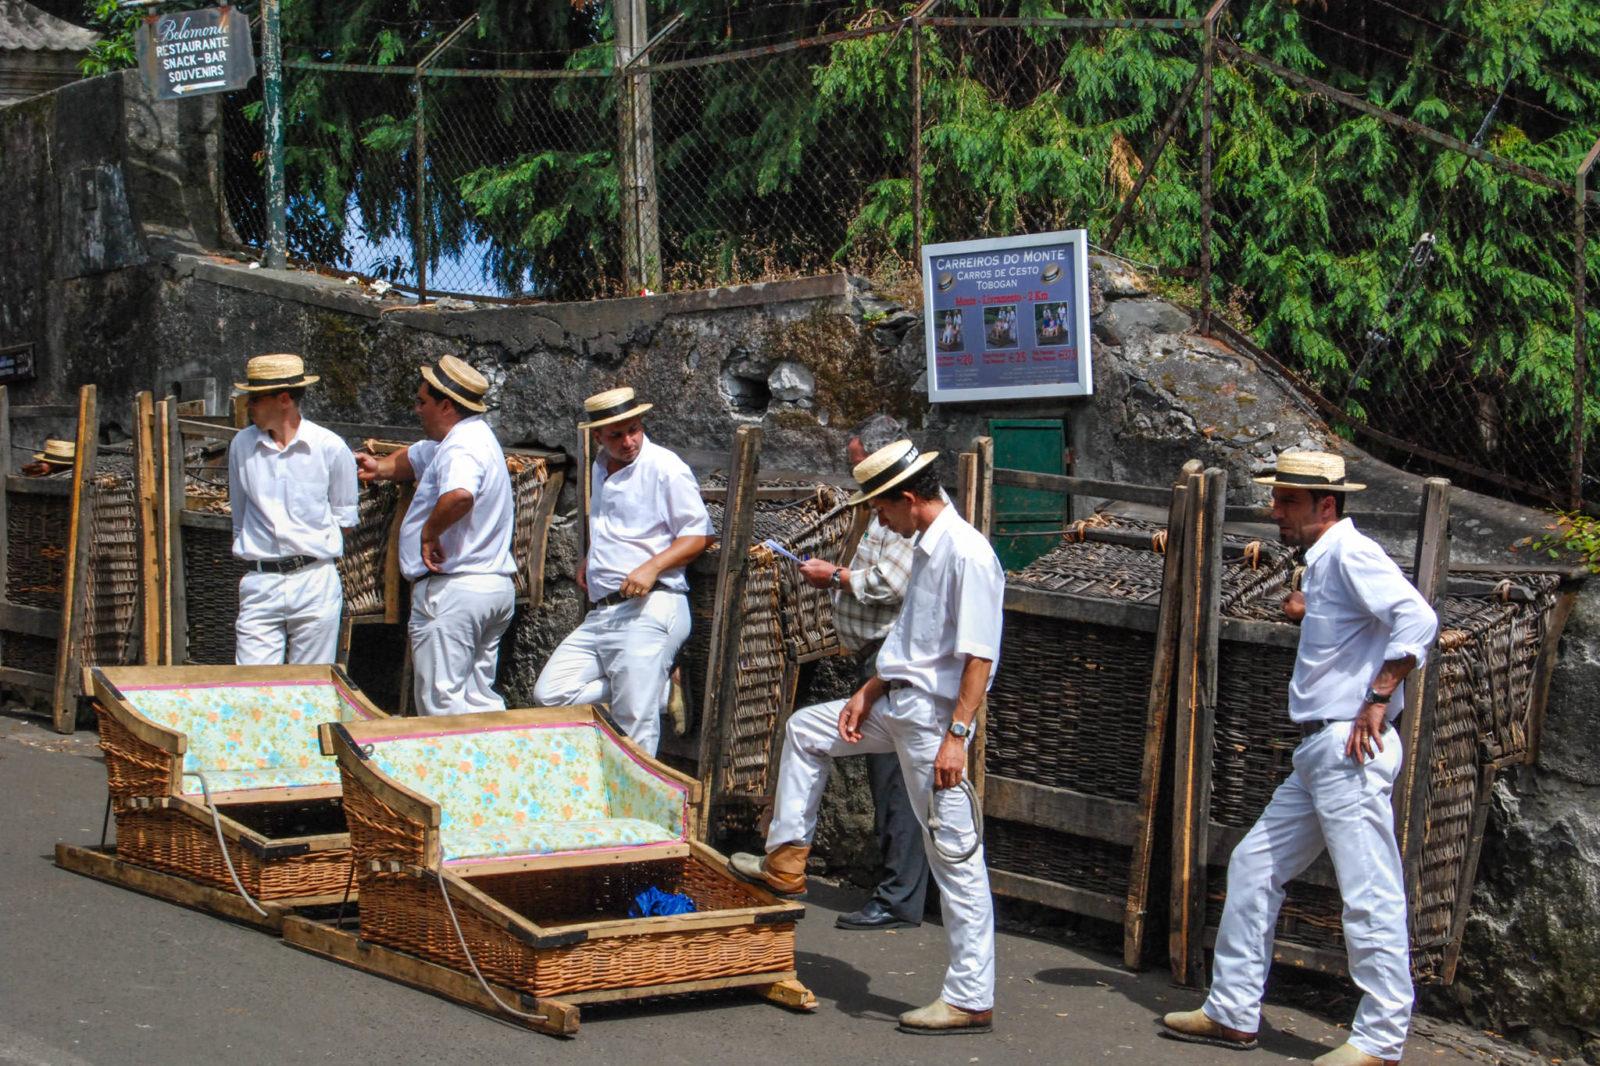 Возчики из Монте (фото: Larraine Henning)